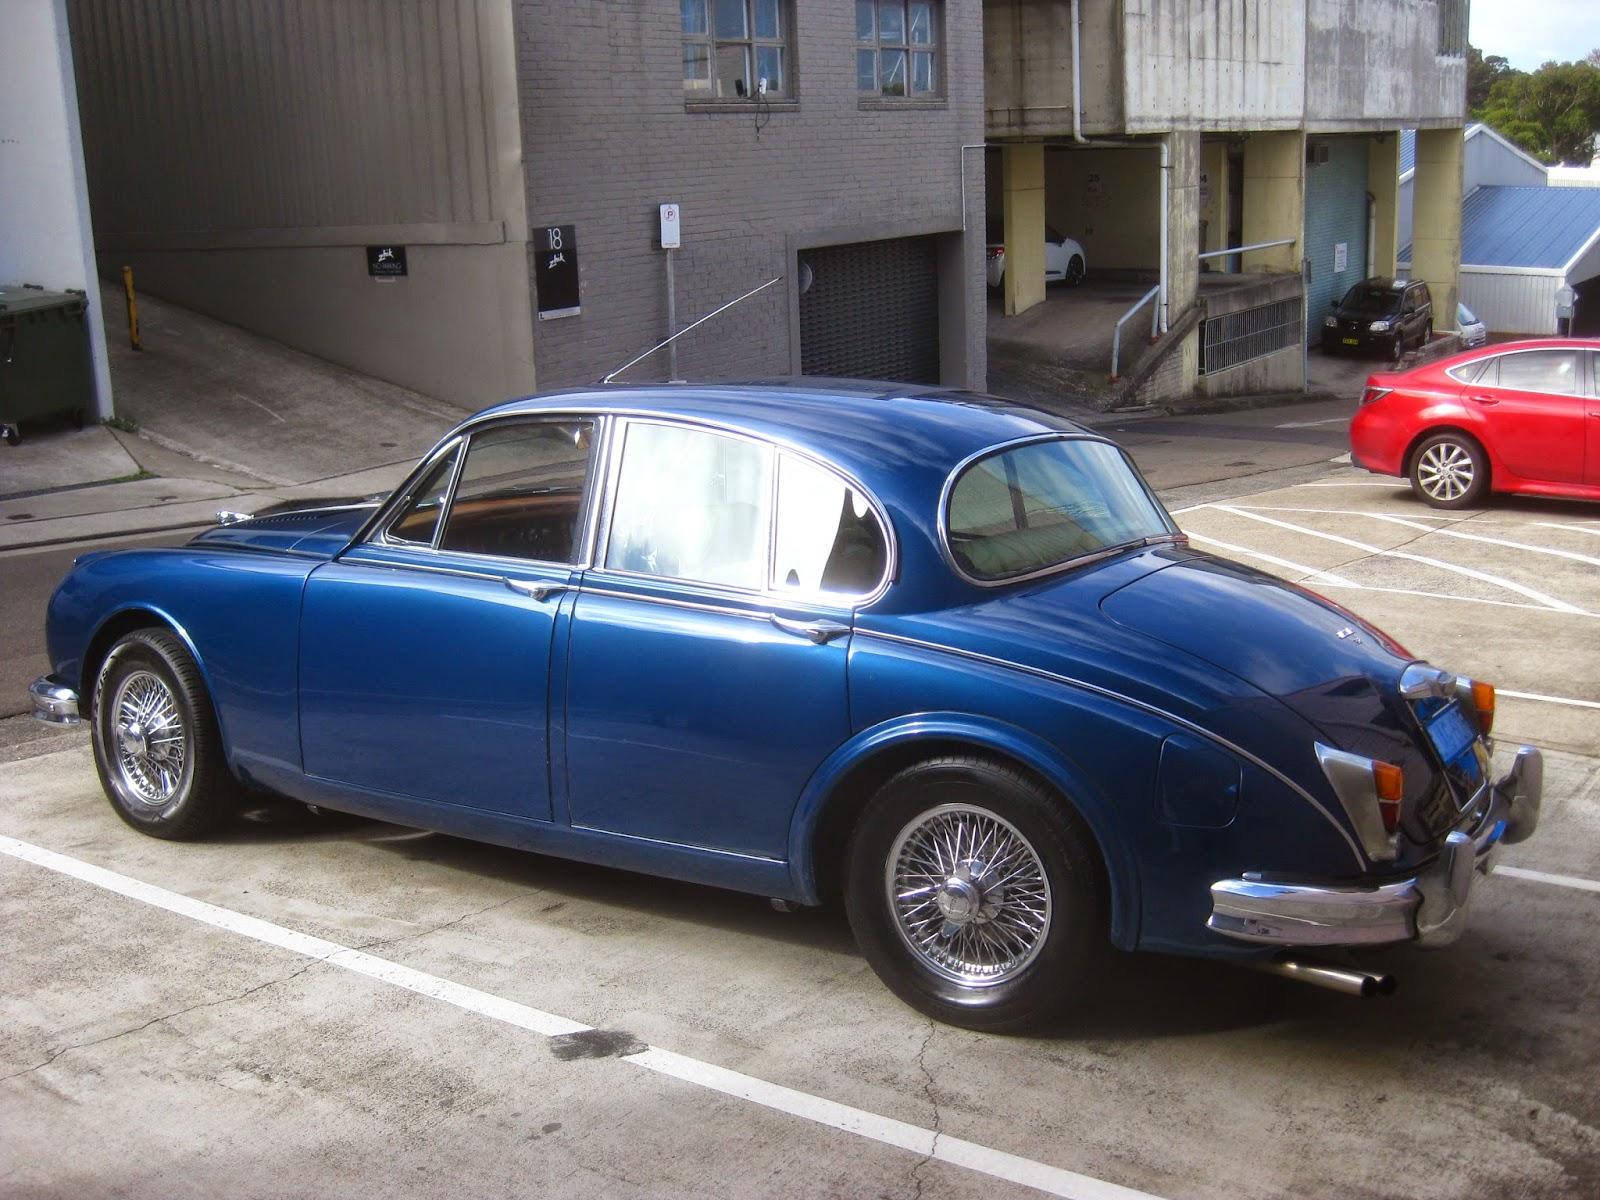 Aussie Old Parked Cars: 1960 Jaguar Mark 2 3.8 Litre